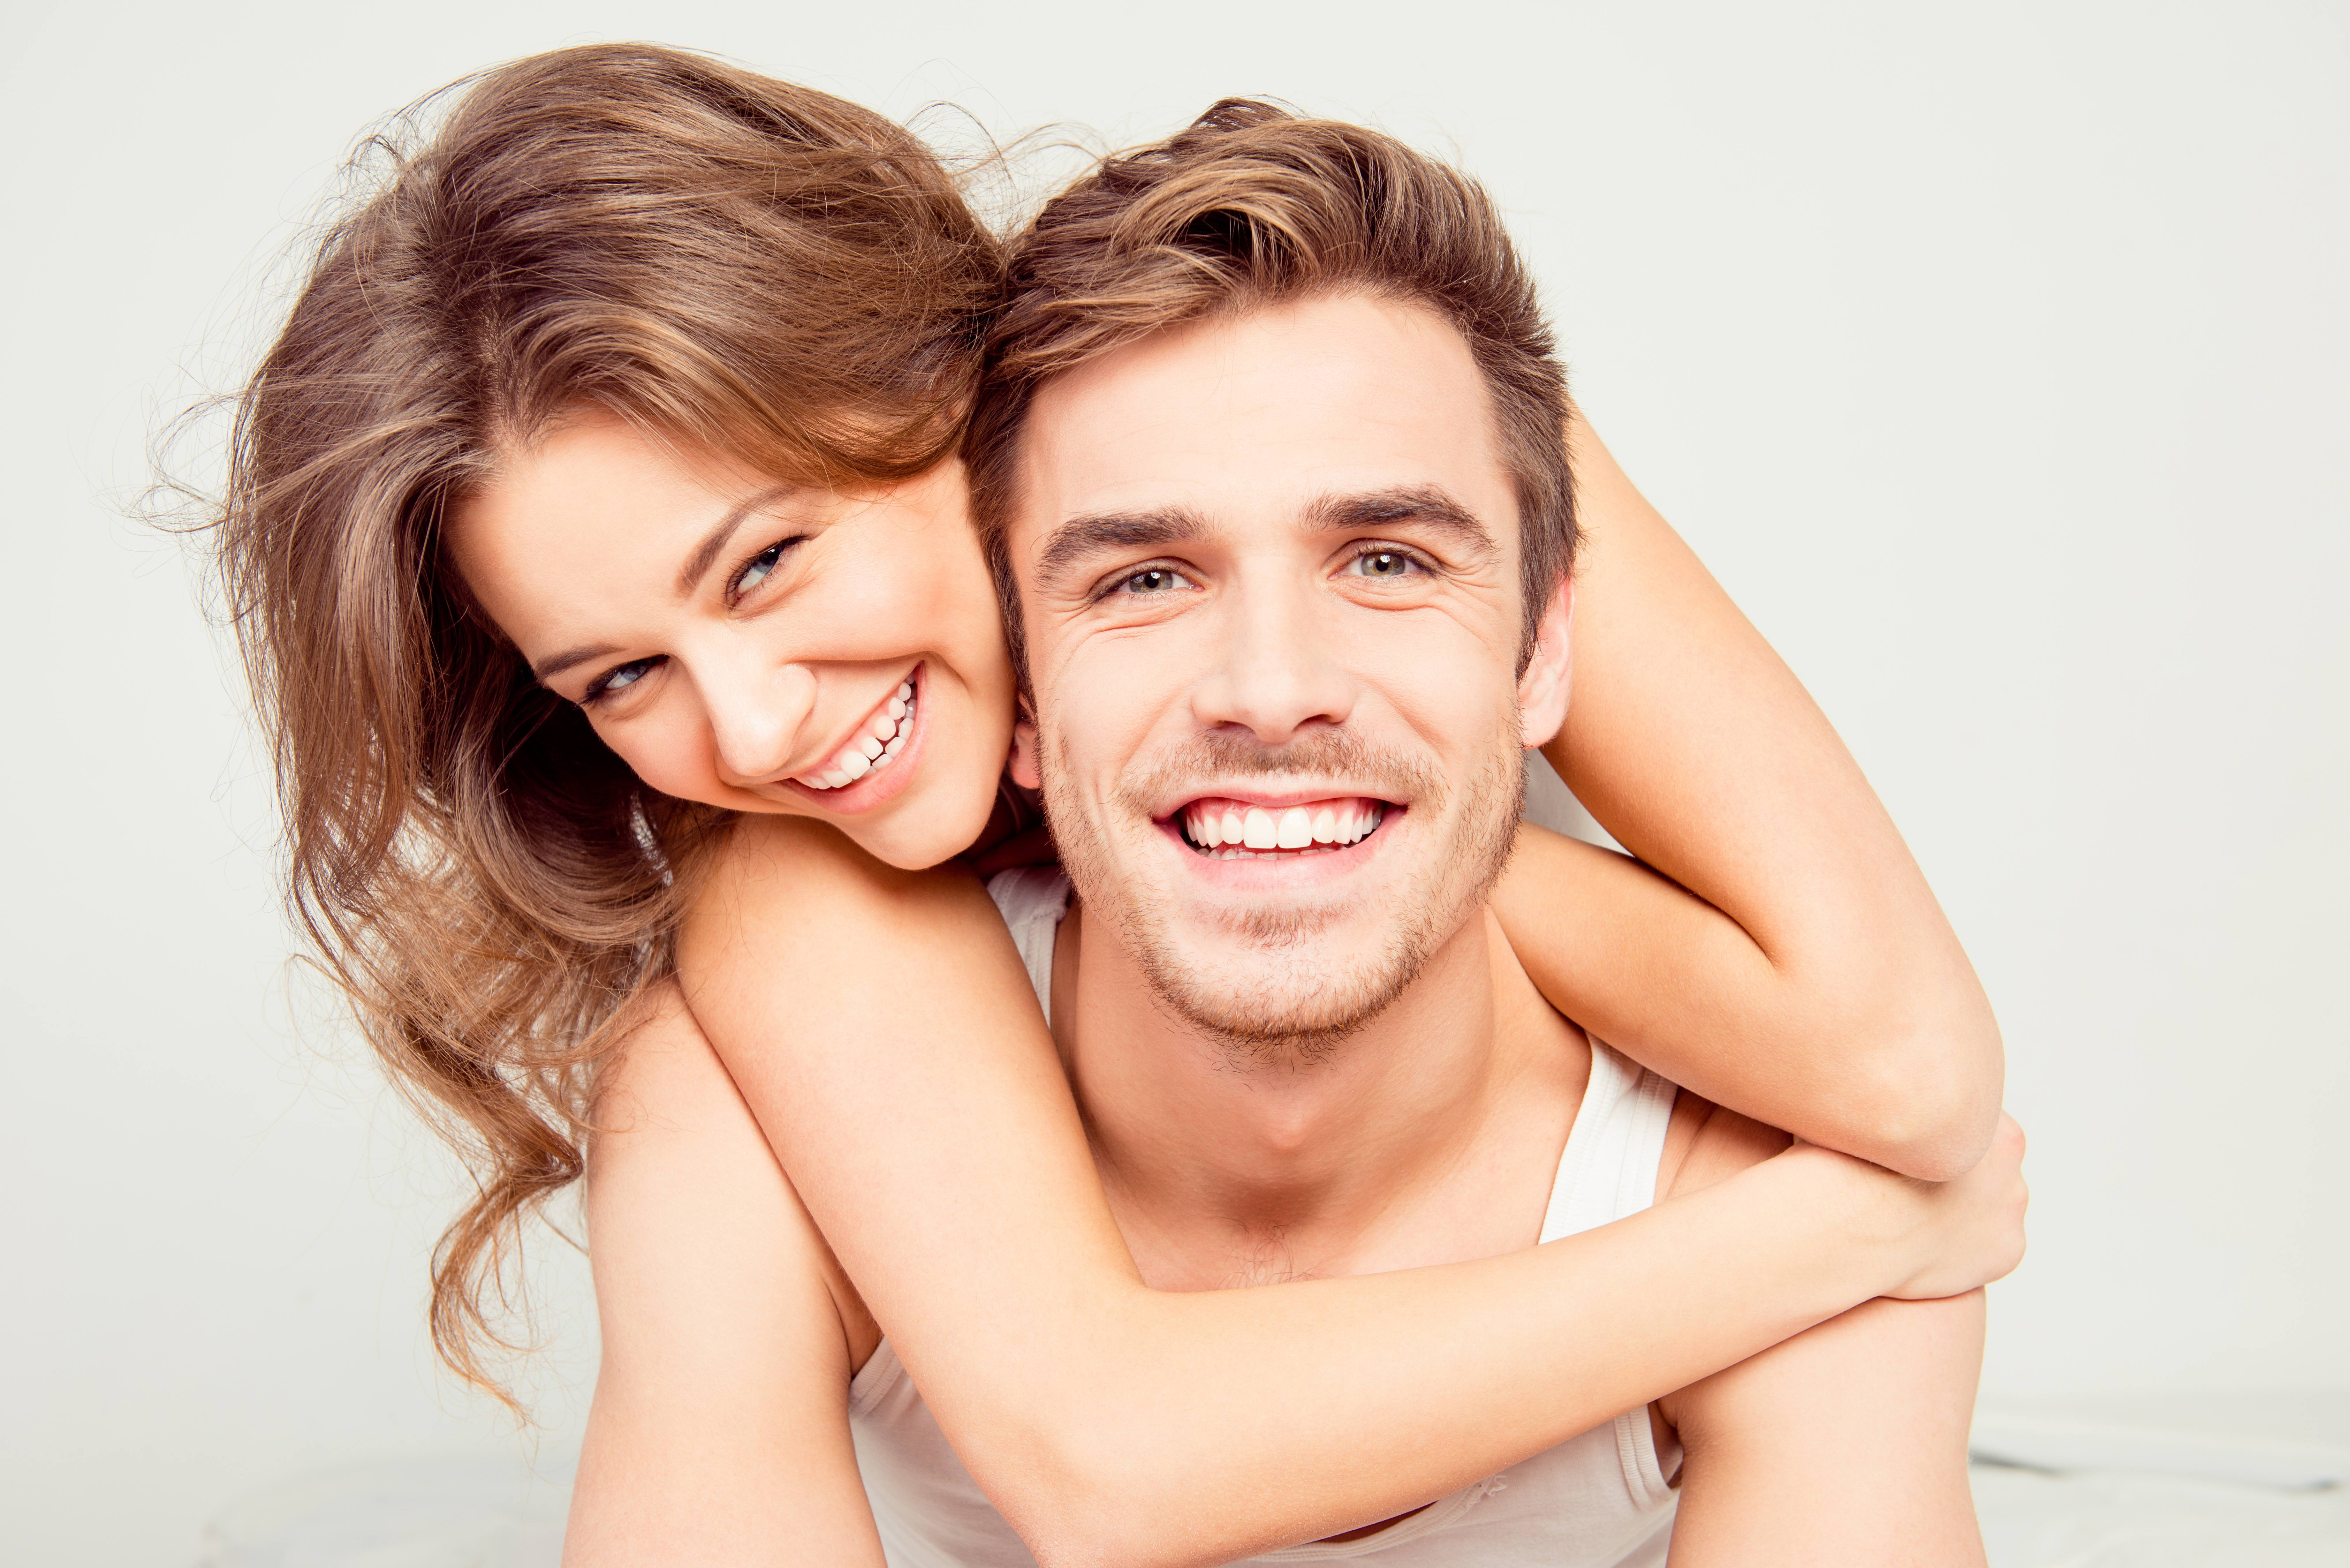 7 niet zo sexy dingen die jij ongetwijfeld ook doet tijdens het vrijen